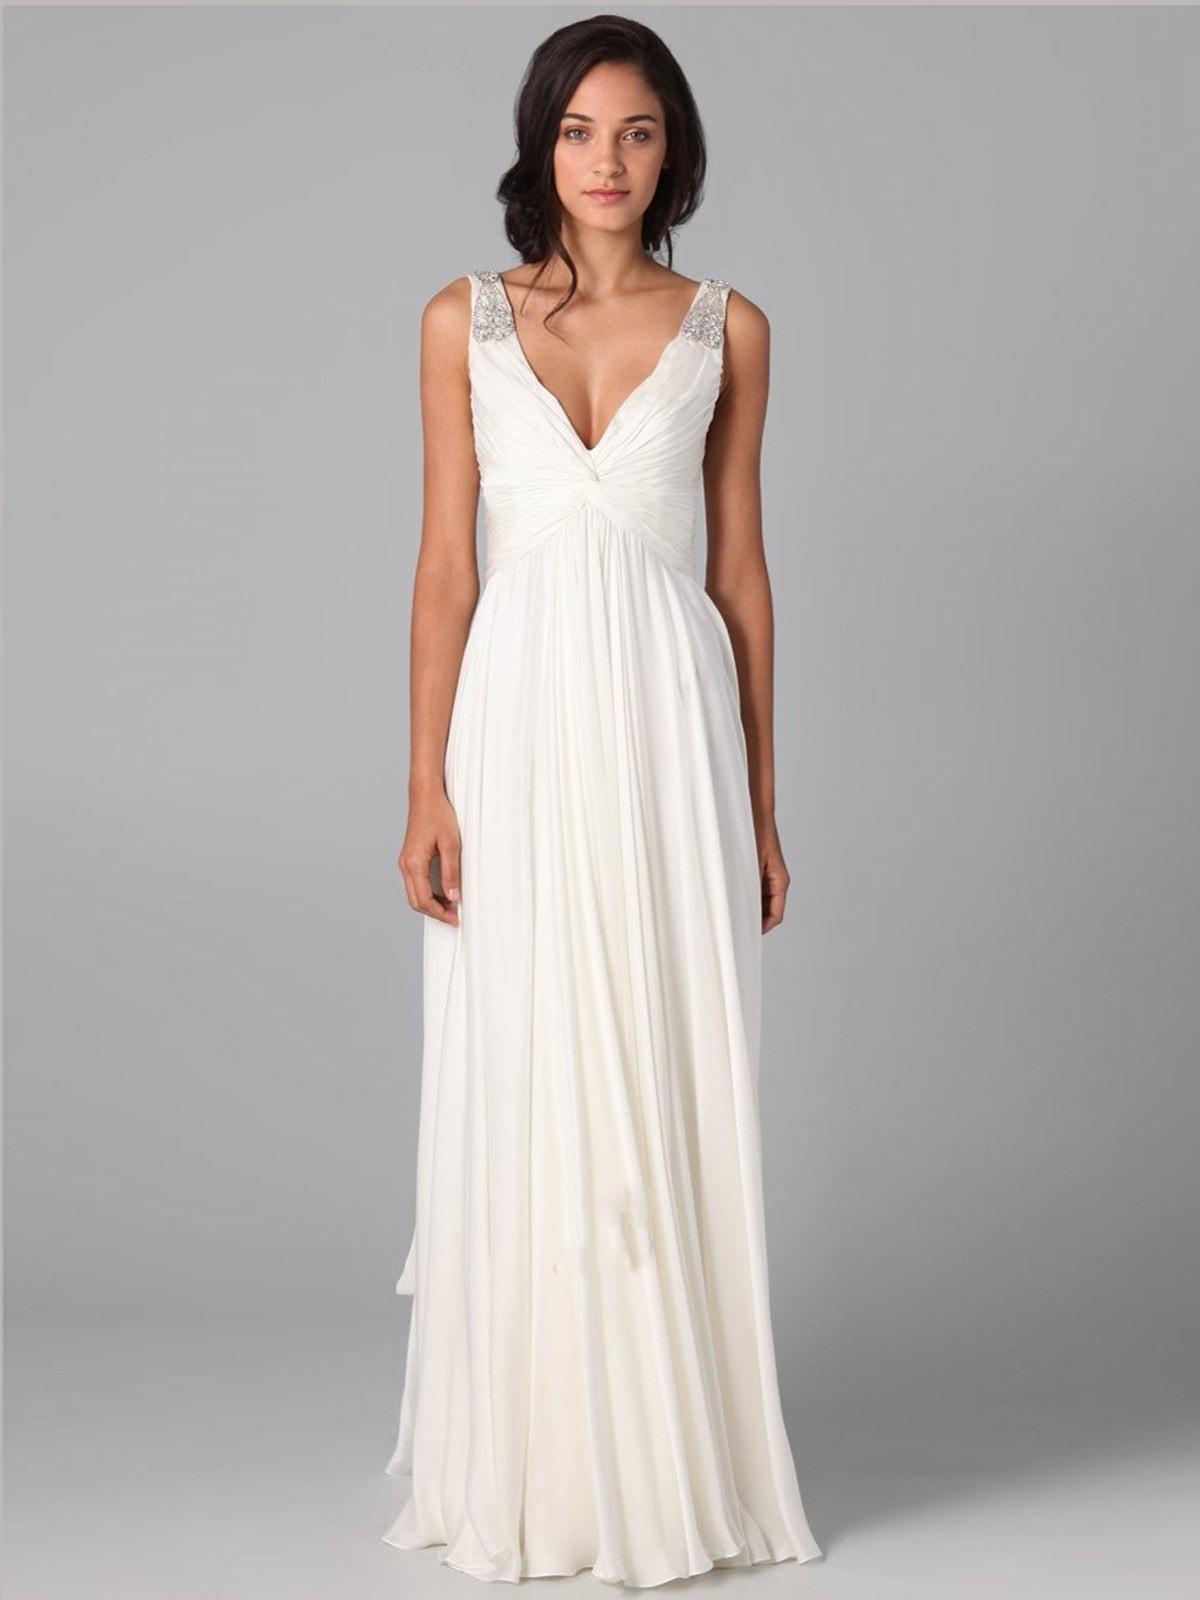 10 Einfach Weiße Abendkleider Lang Vertrieb15 Einfach Weiße Abendkleider Lang Vertrieb